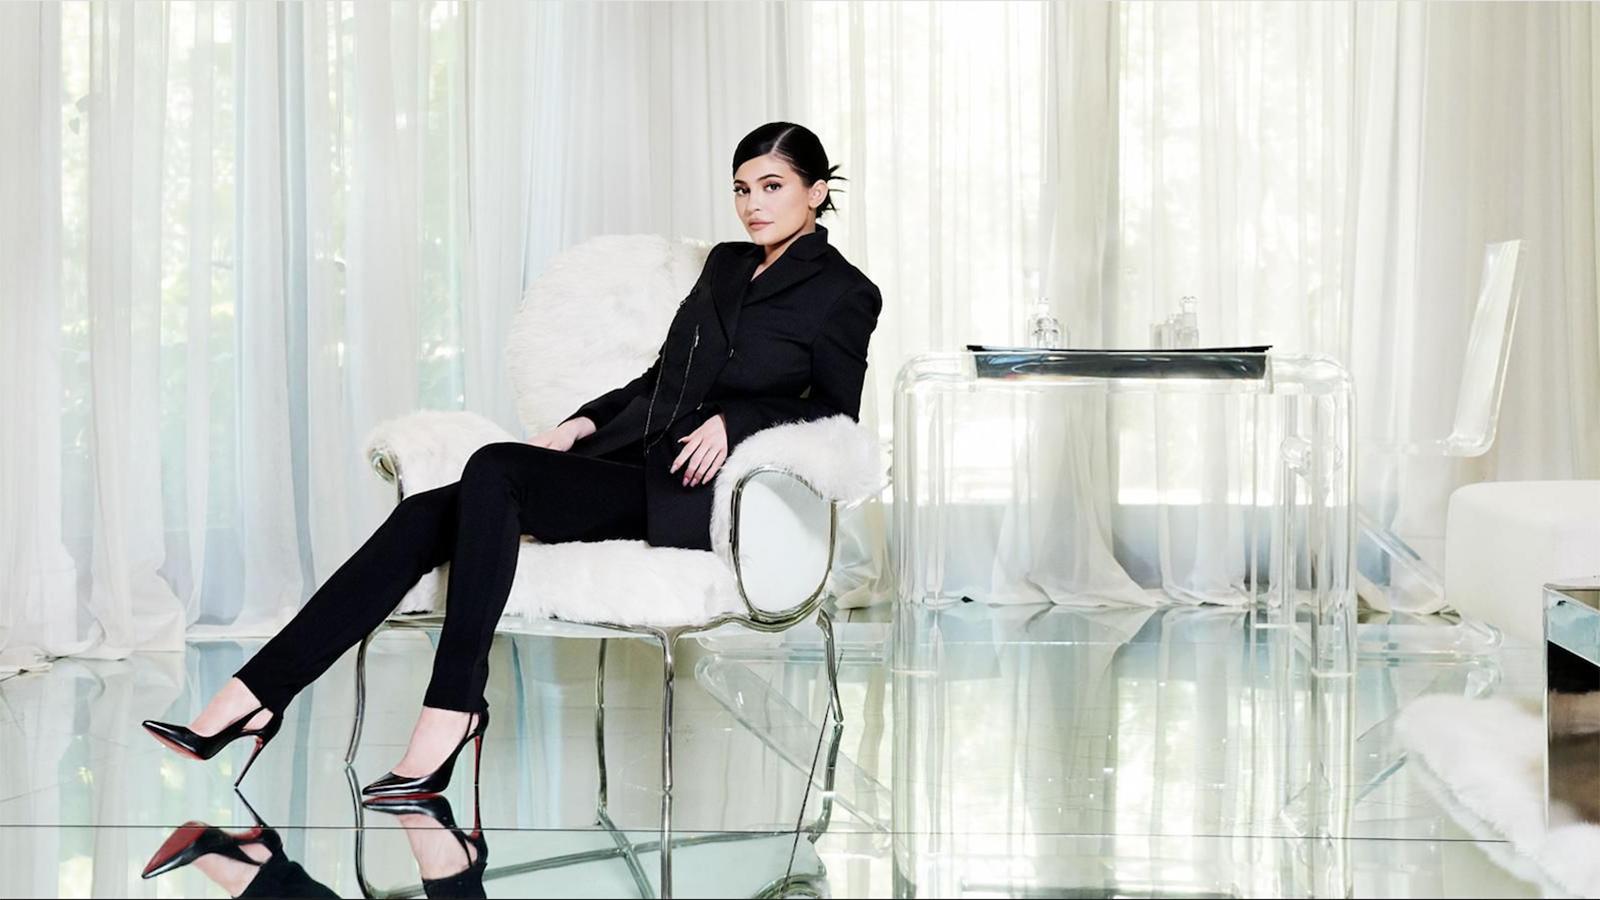 En defensa de Kylie Jenner: ¿Hay multimillonarios realmente 'no herederos'?